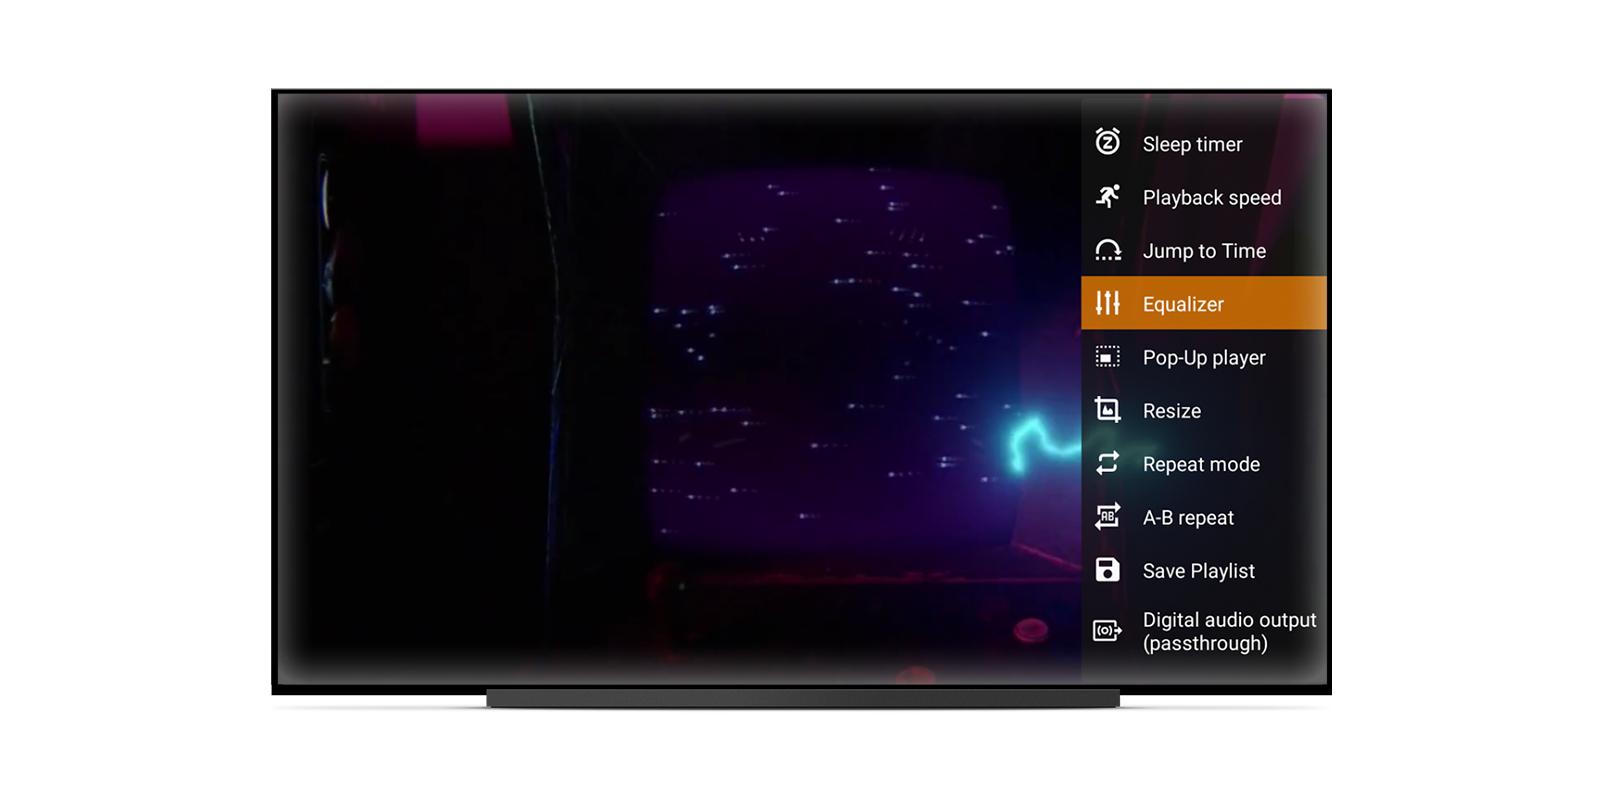 VLC는 Android TV의 대형 화면으로 즐기는 느긋한 시청 환경에 맞게 앱을 최적화합니다.